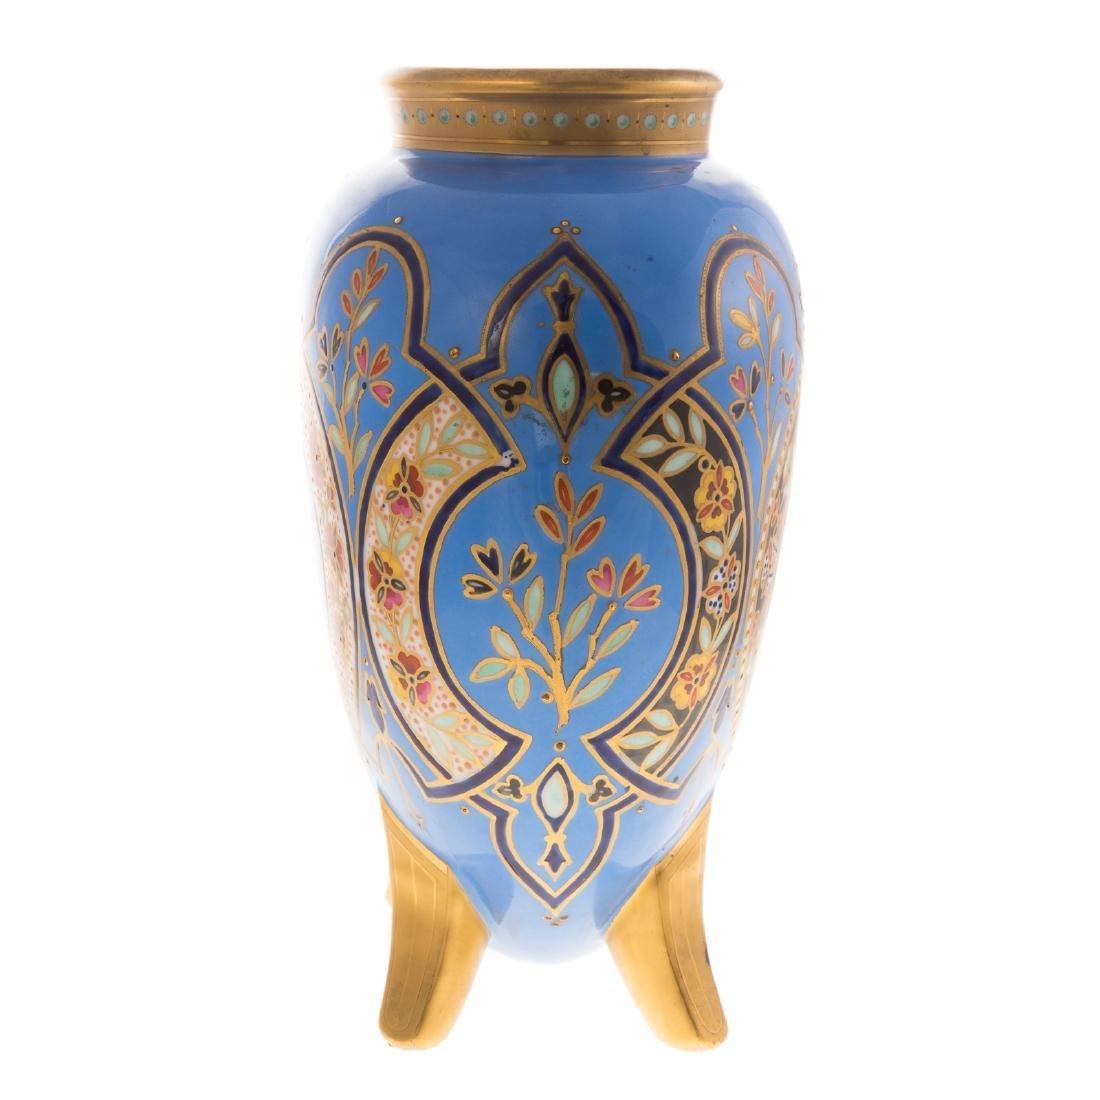 Limoges Porcelain Vase - 4